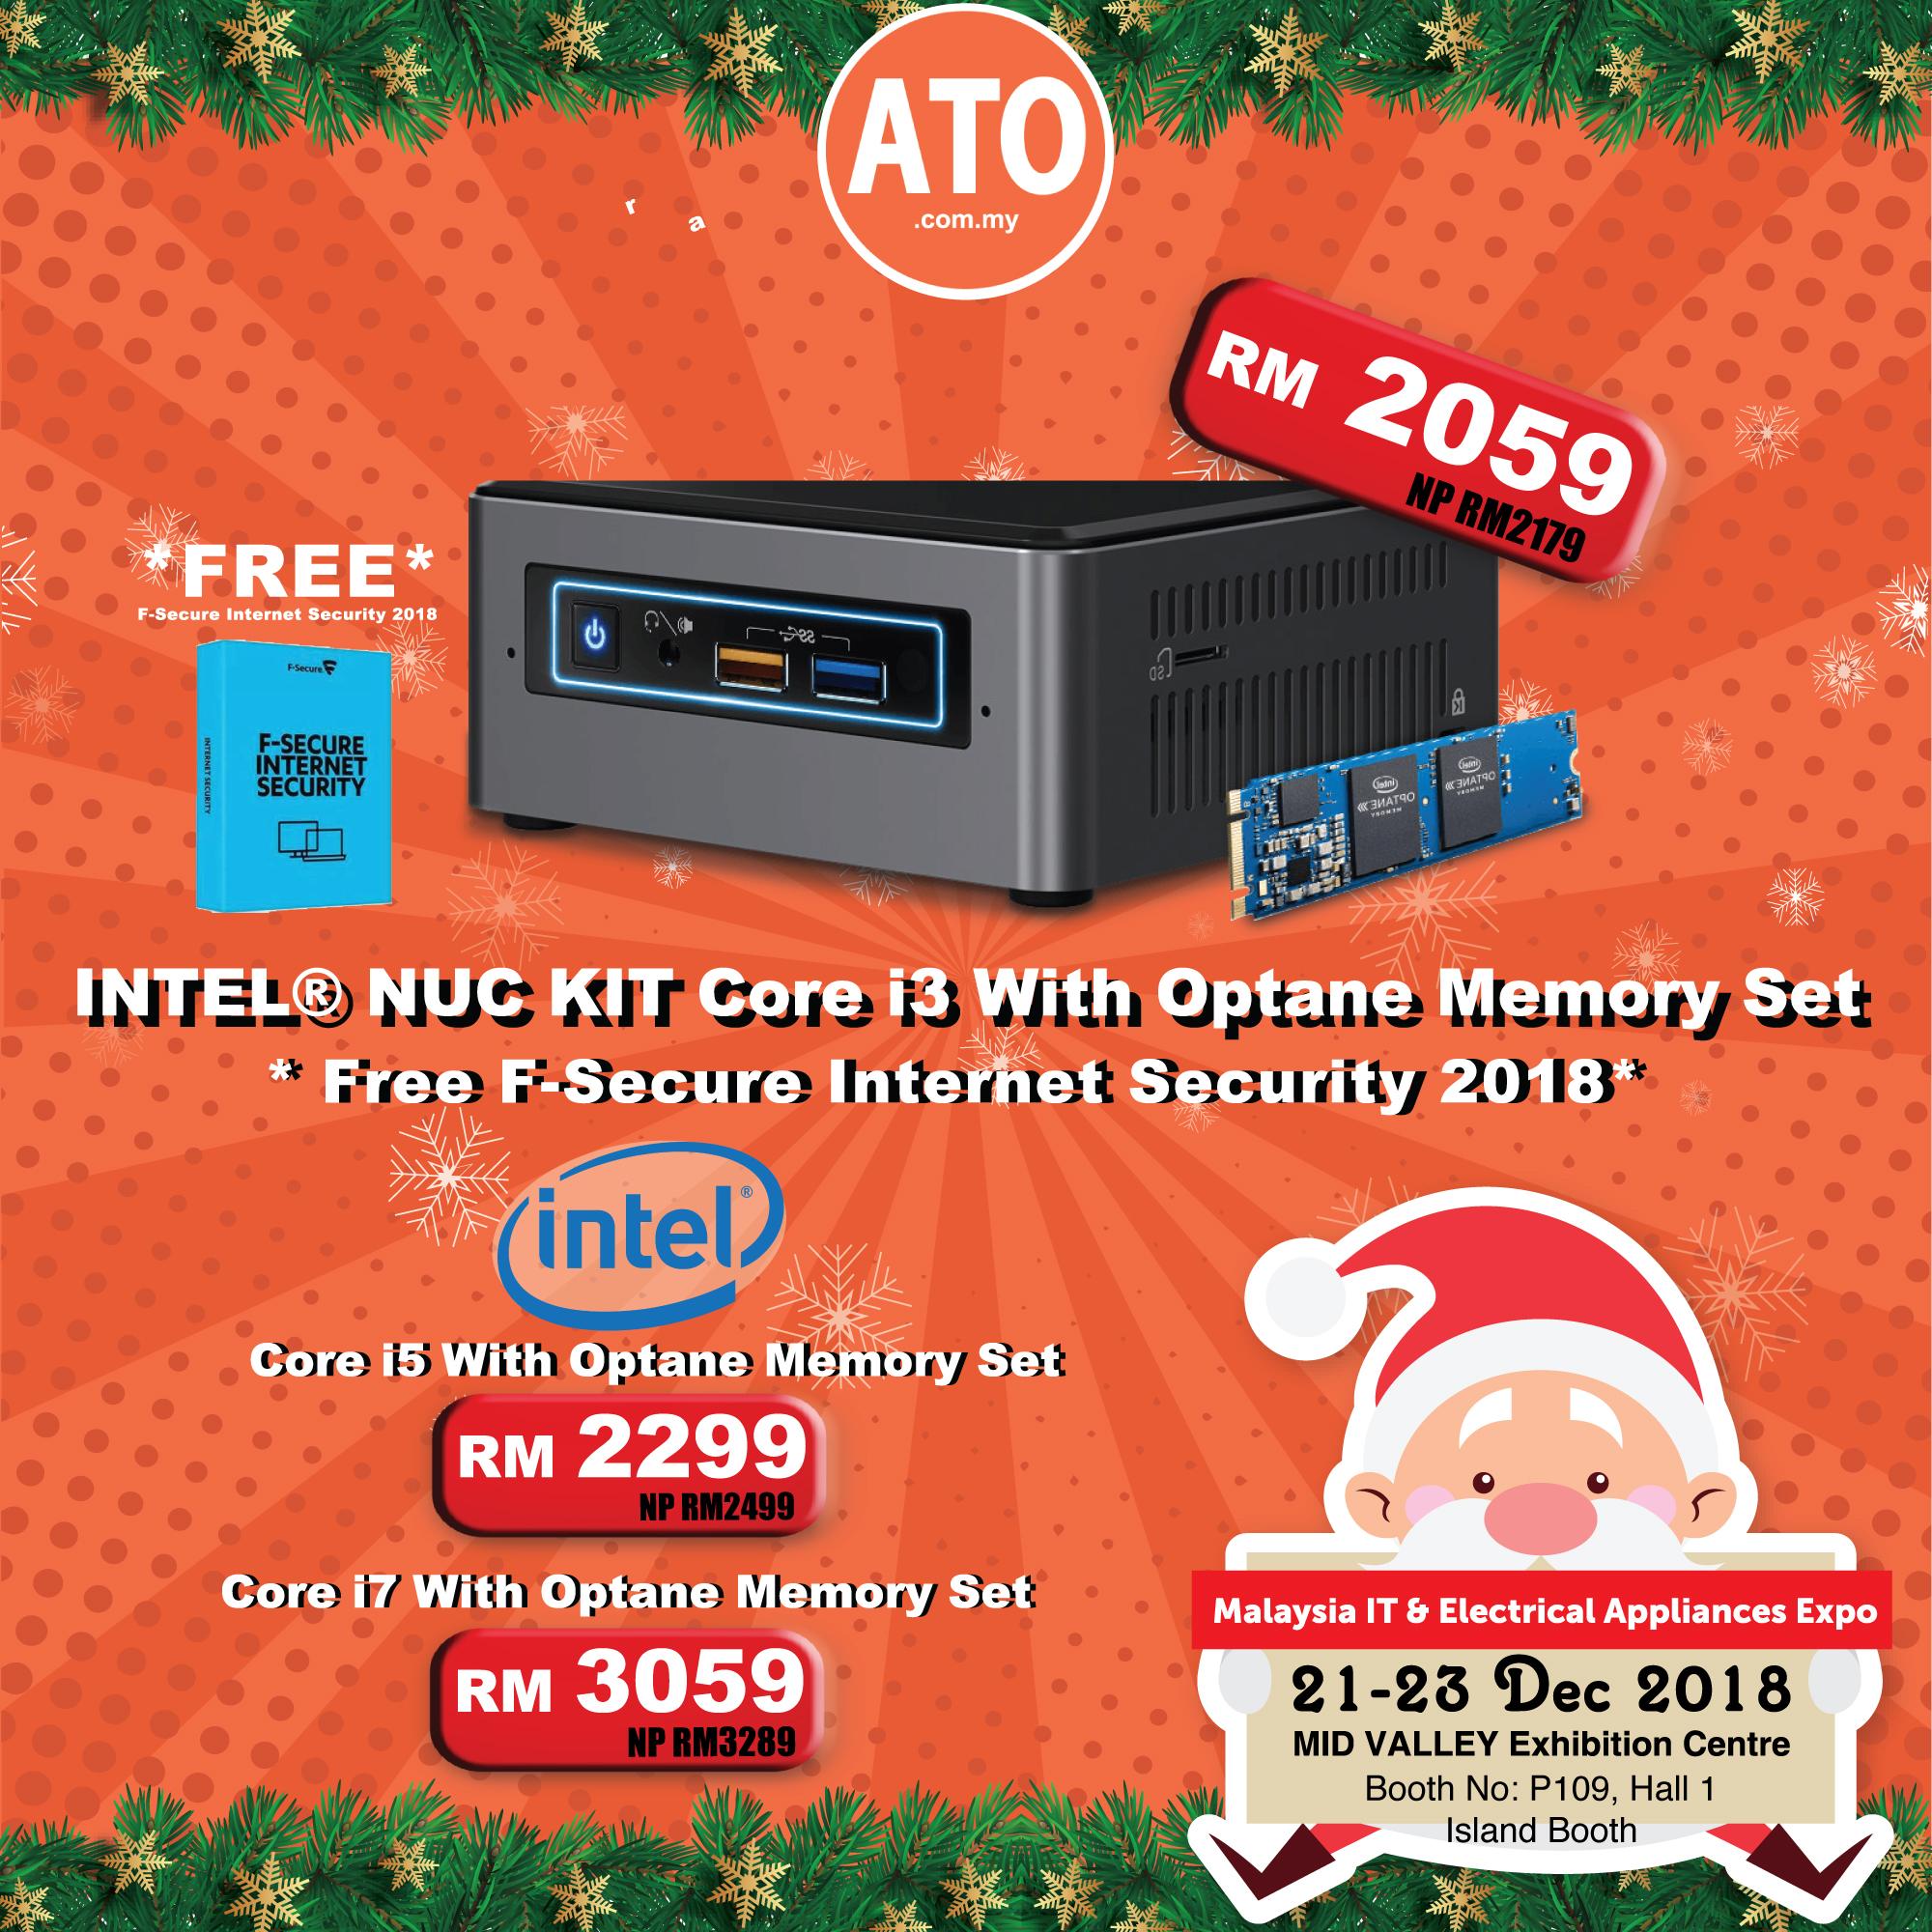 ATO3-MITE-Online-Advs-500-X-500_FA